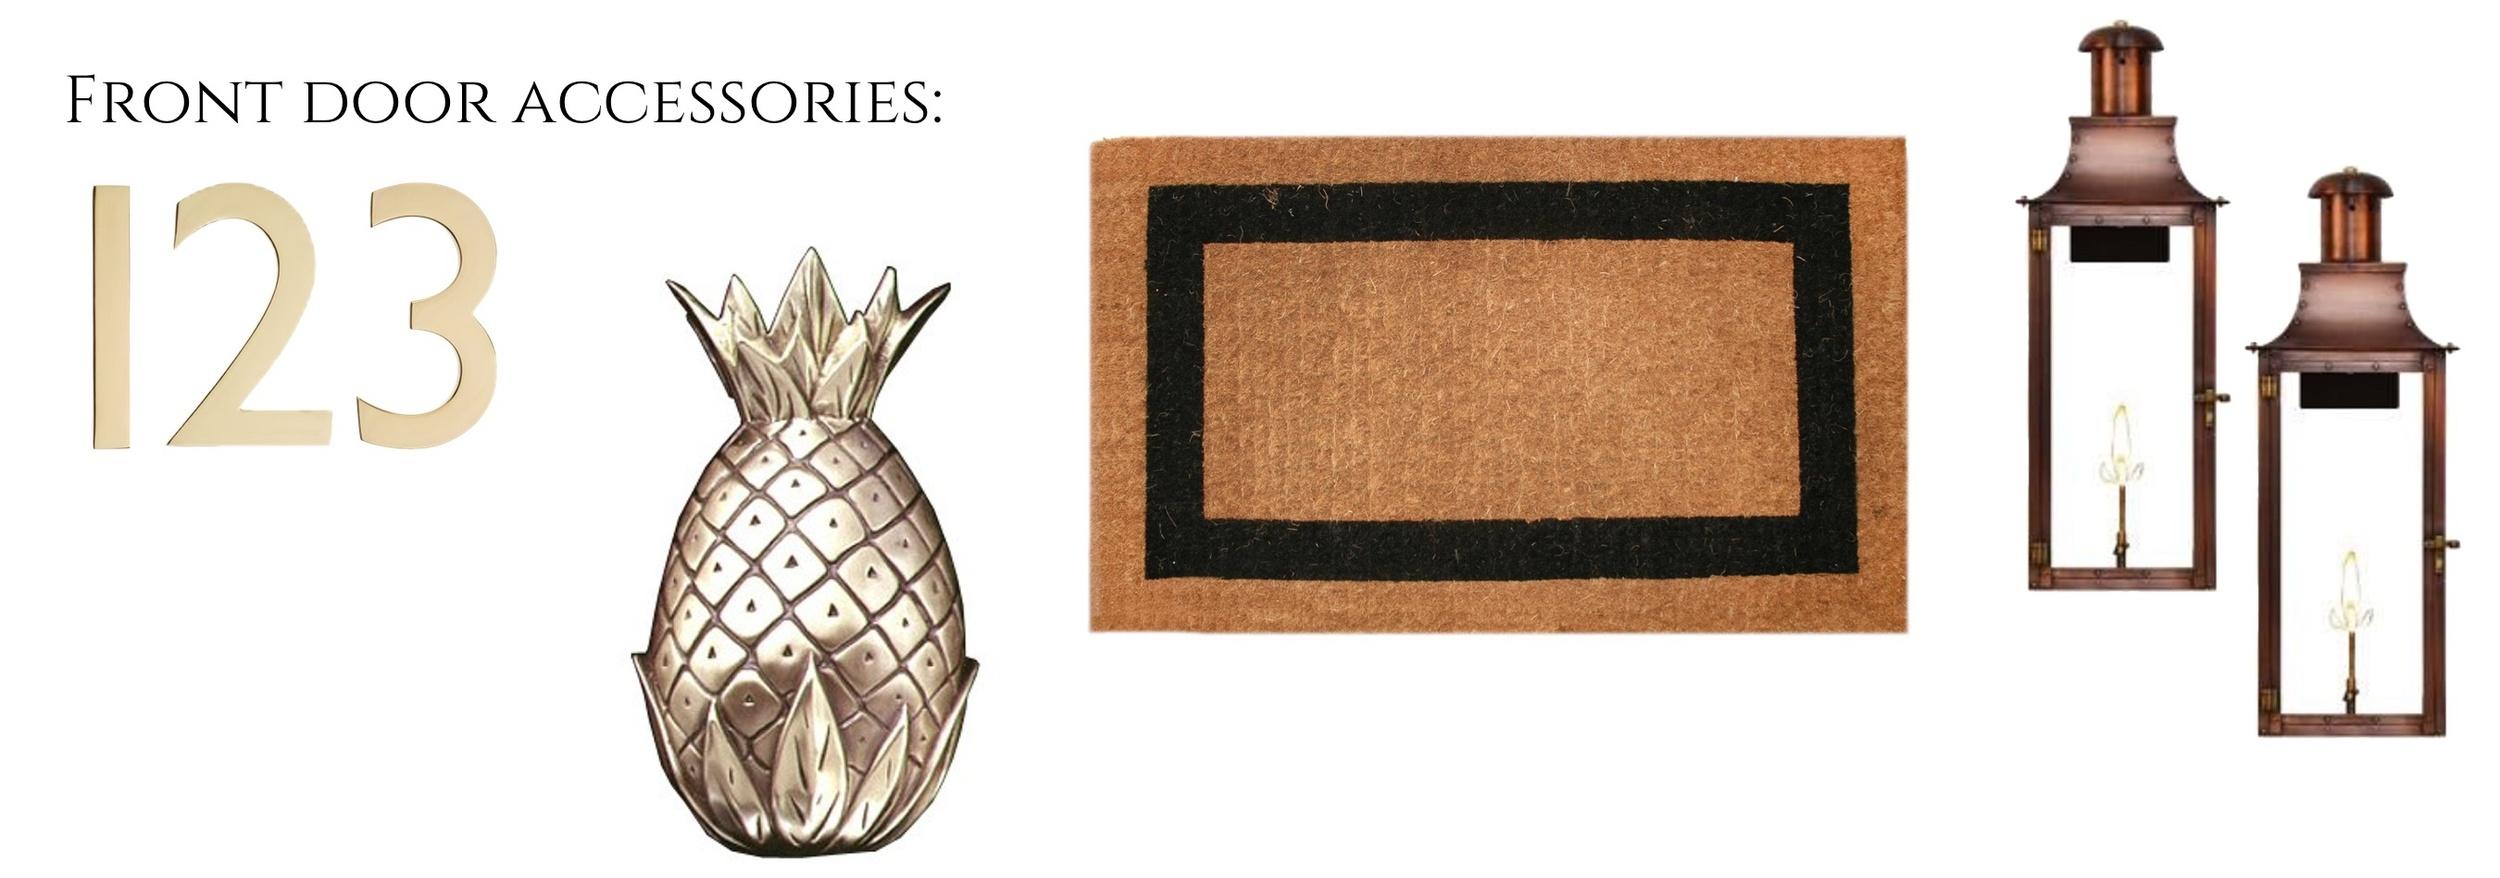 door numbers //  pineapple knocker // door mat // gas lanterns